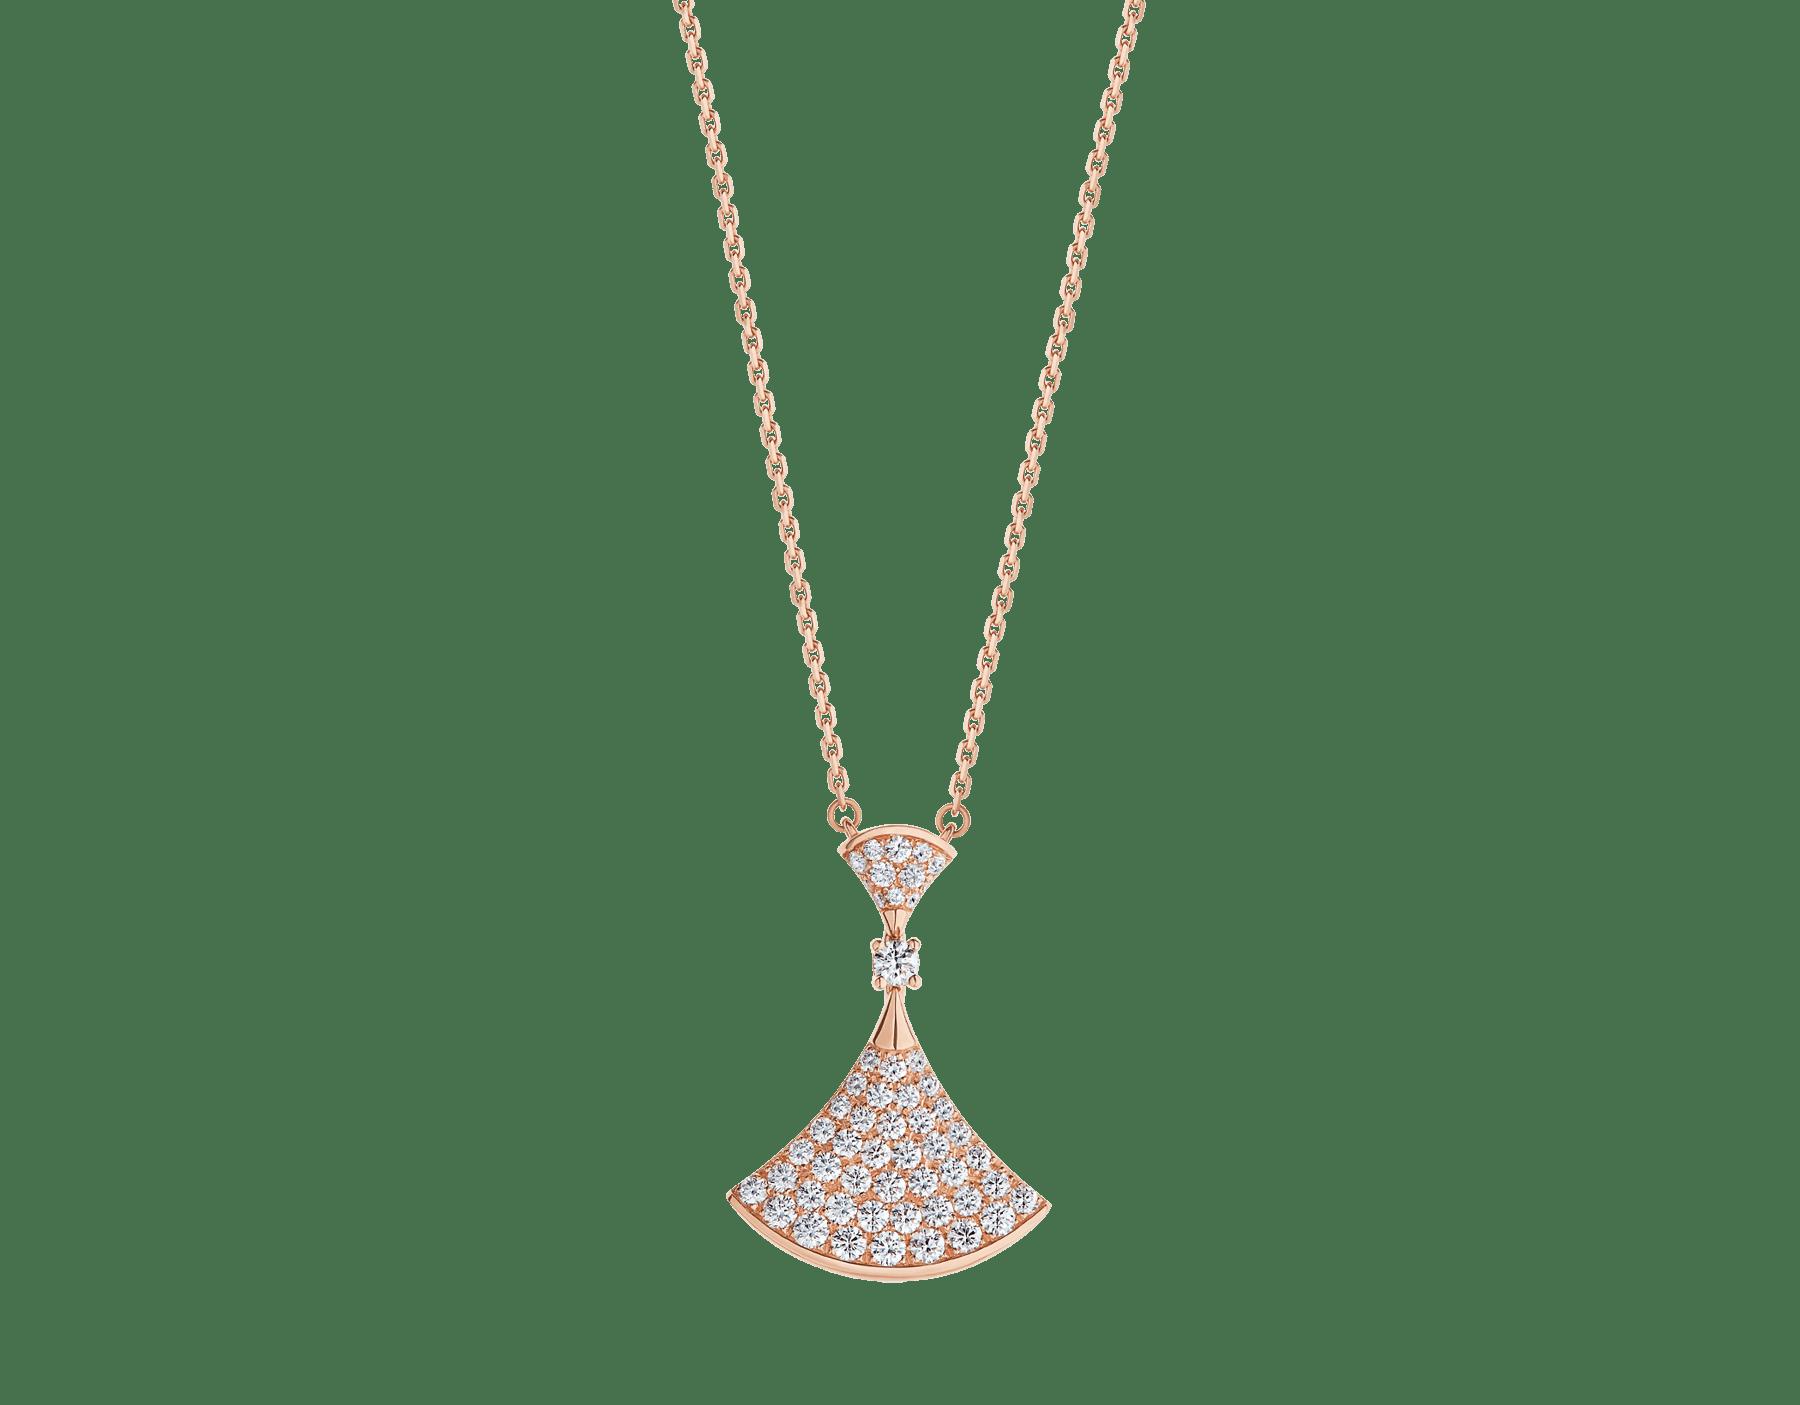 DIVAS' DREAM 18K 玫瑰金墜鍊,鑲飾 1 顆圓形明亮型切割鑽石(0.10 克拉)和密鑲鑽石(0.83 克拉)。 358121 image 1